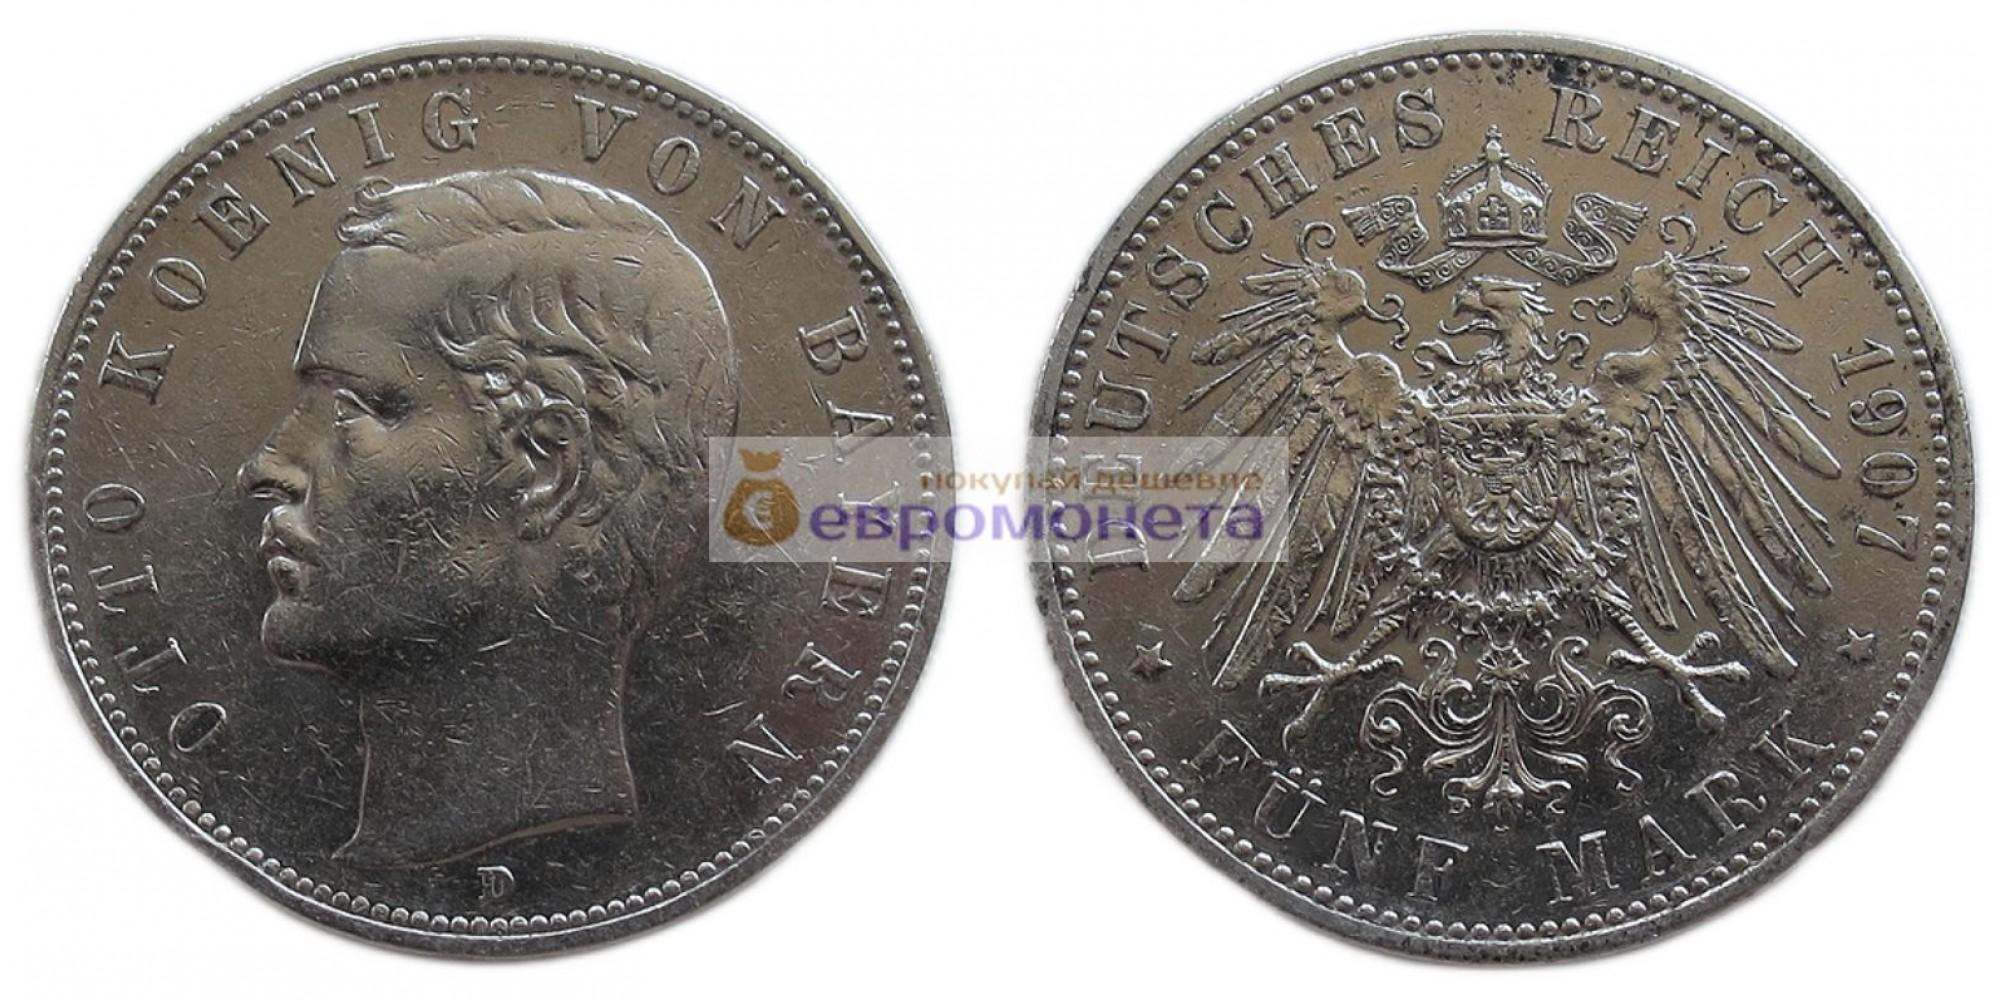 """Германская империя Бавария 5 марок 1907 год """"D"""" Отто. Серебро."""